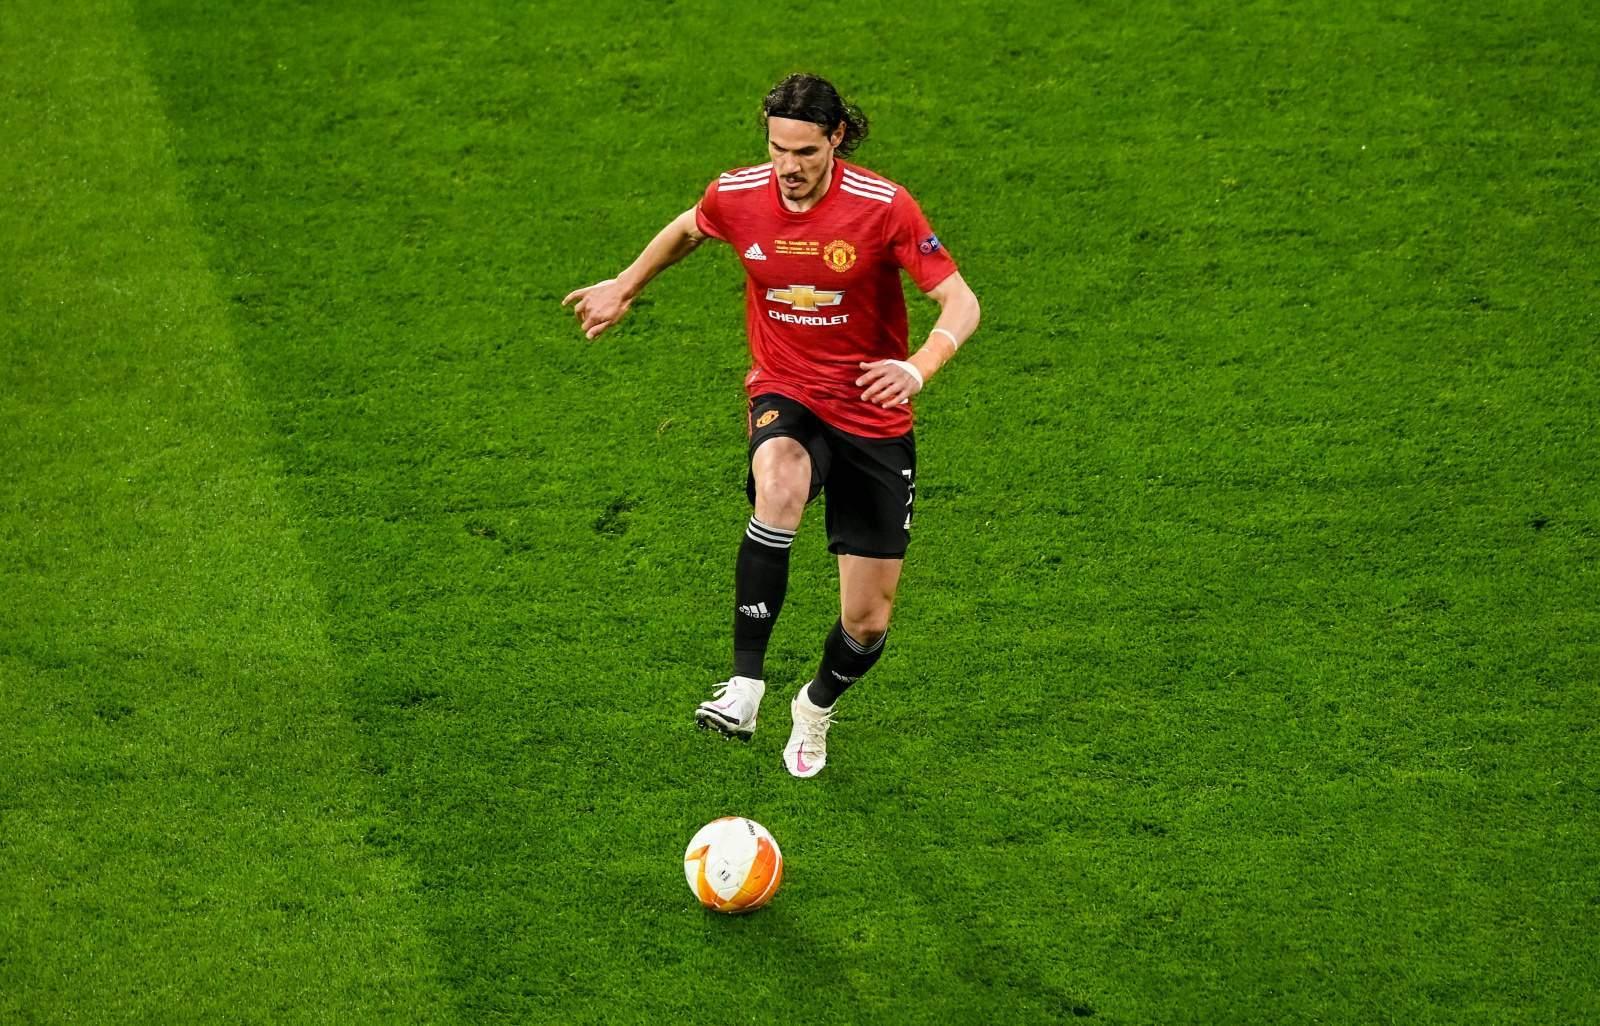 Бывший футболист сборной Уругвая посоветовал Кавани уйти из «Манчестер Юнайтед»